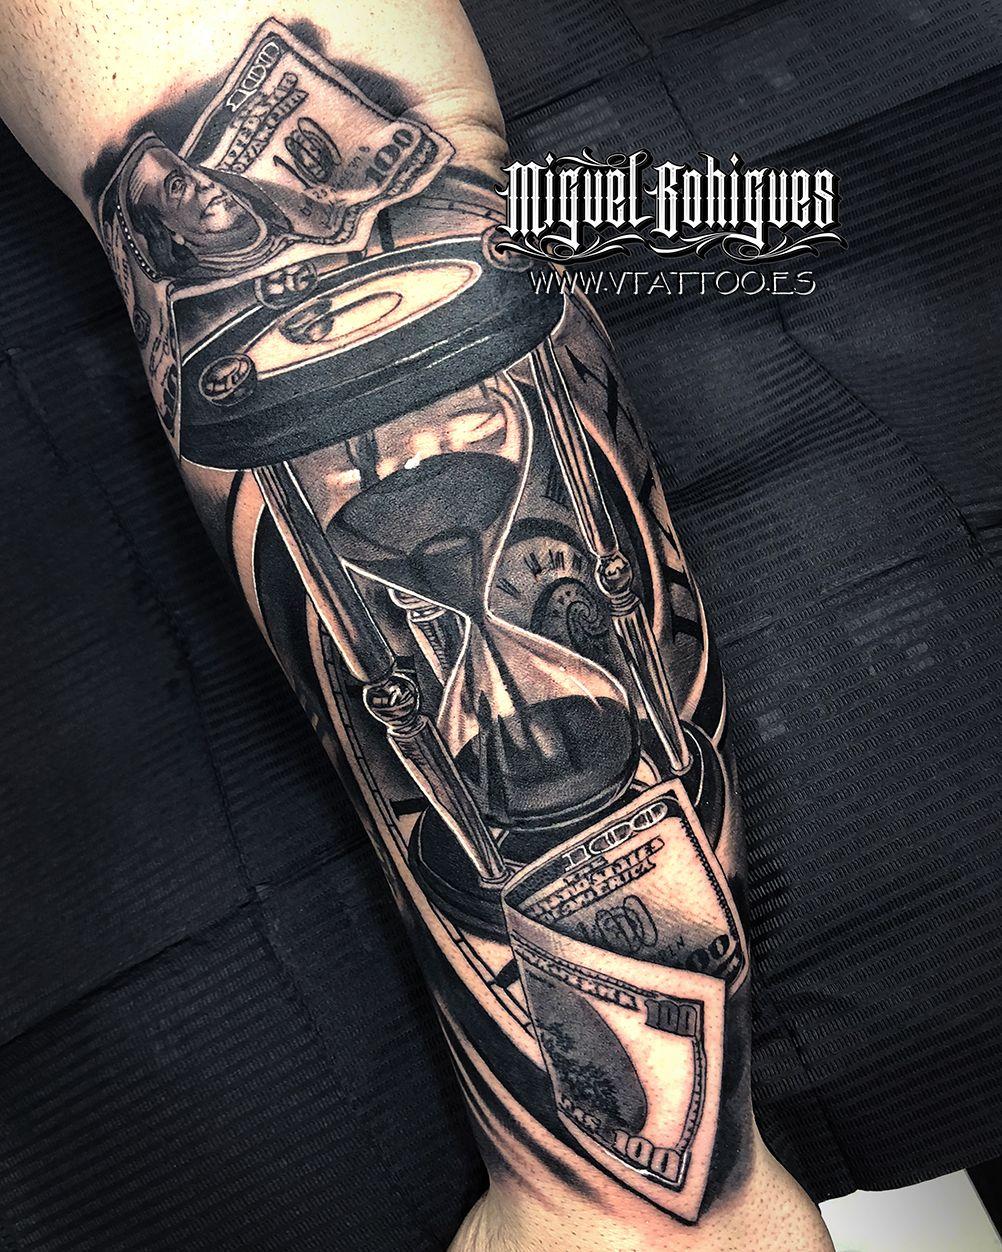 Reloj De Arena Con Dólares Tatuajes Realismo De Miguel Bohigues